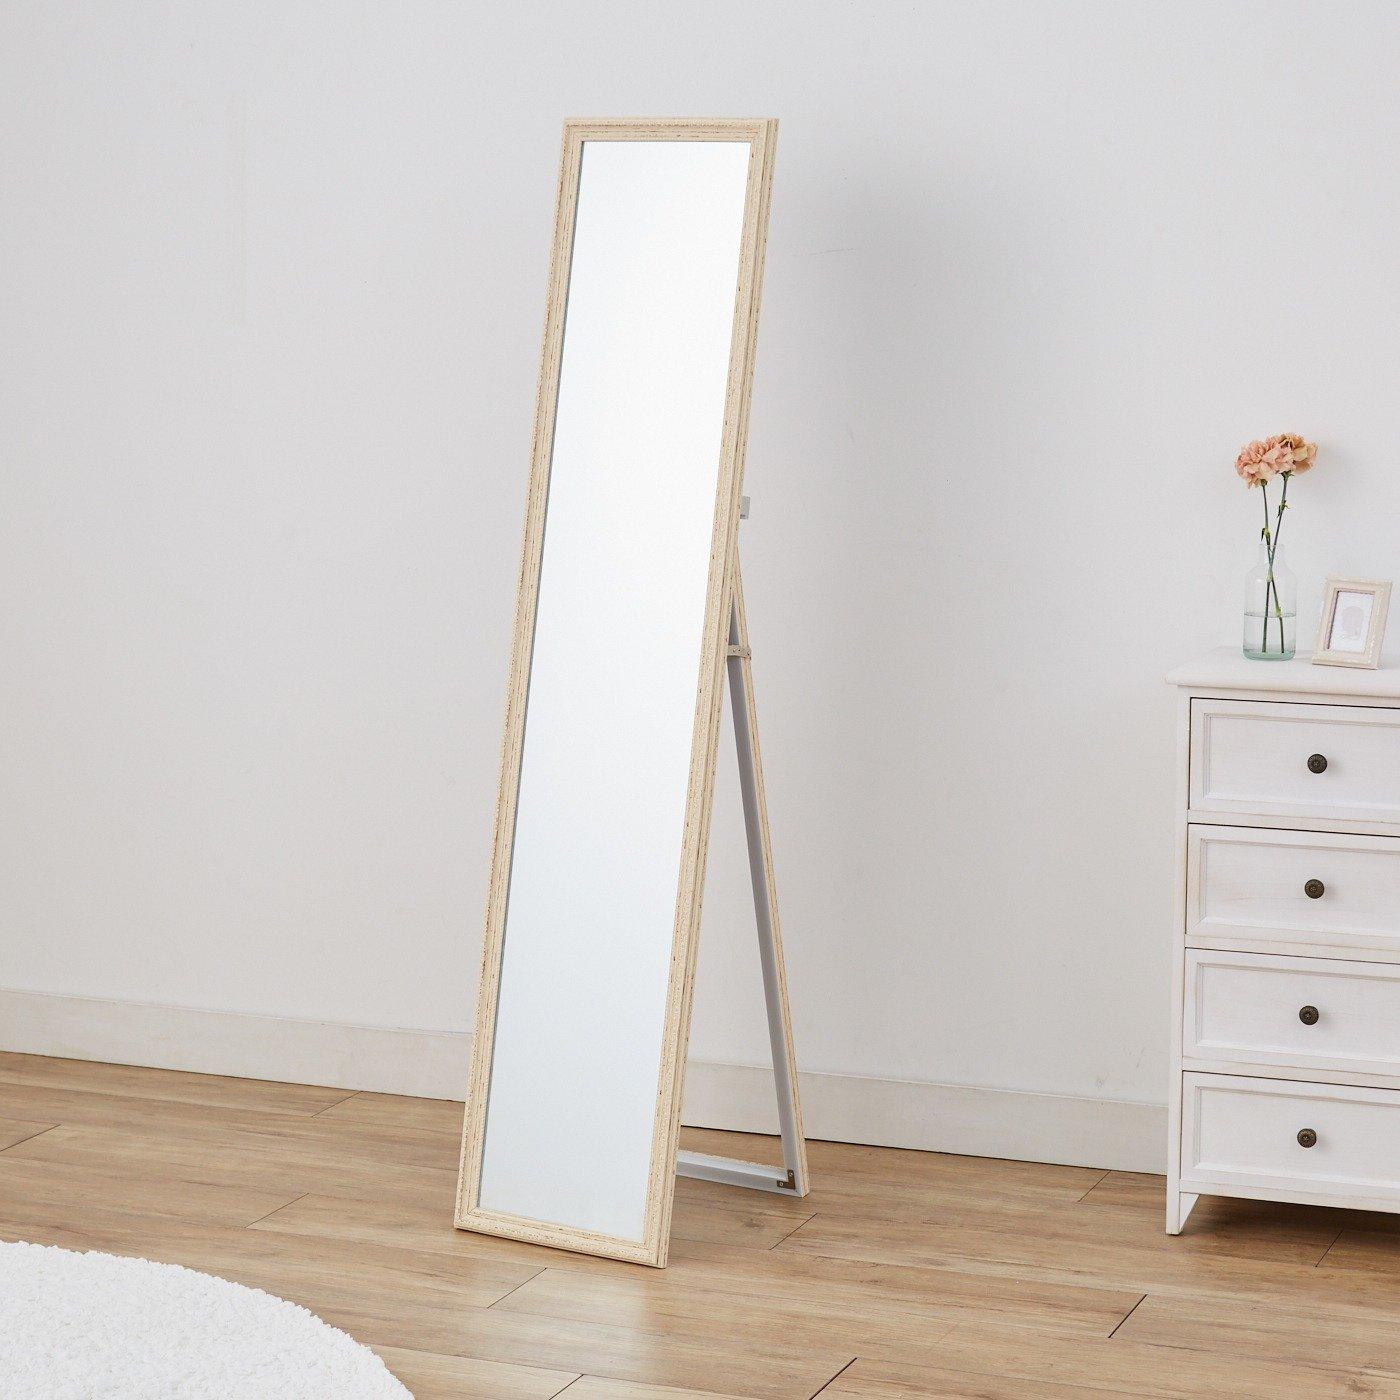 私らしい心地のいい家具 上品スタンドミラー〈ホワイト〉